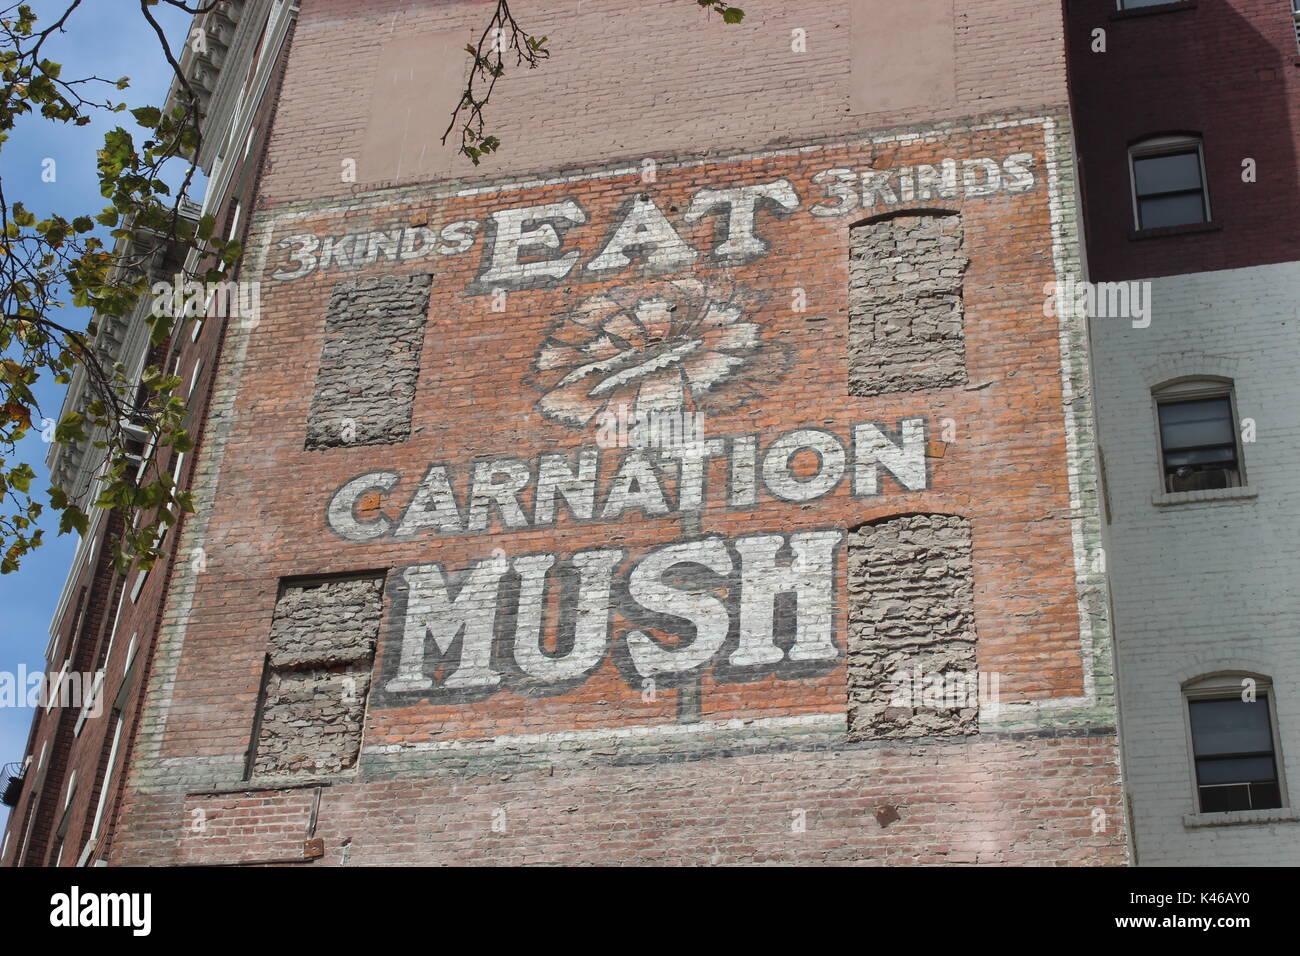 Poltiglia di garofano Ghost segno, San Francisco, California Immagini Stock